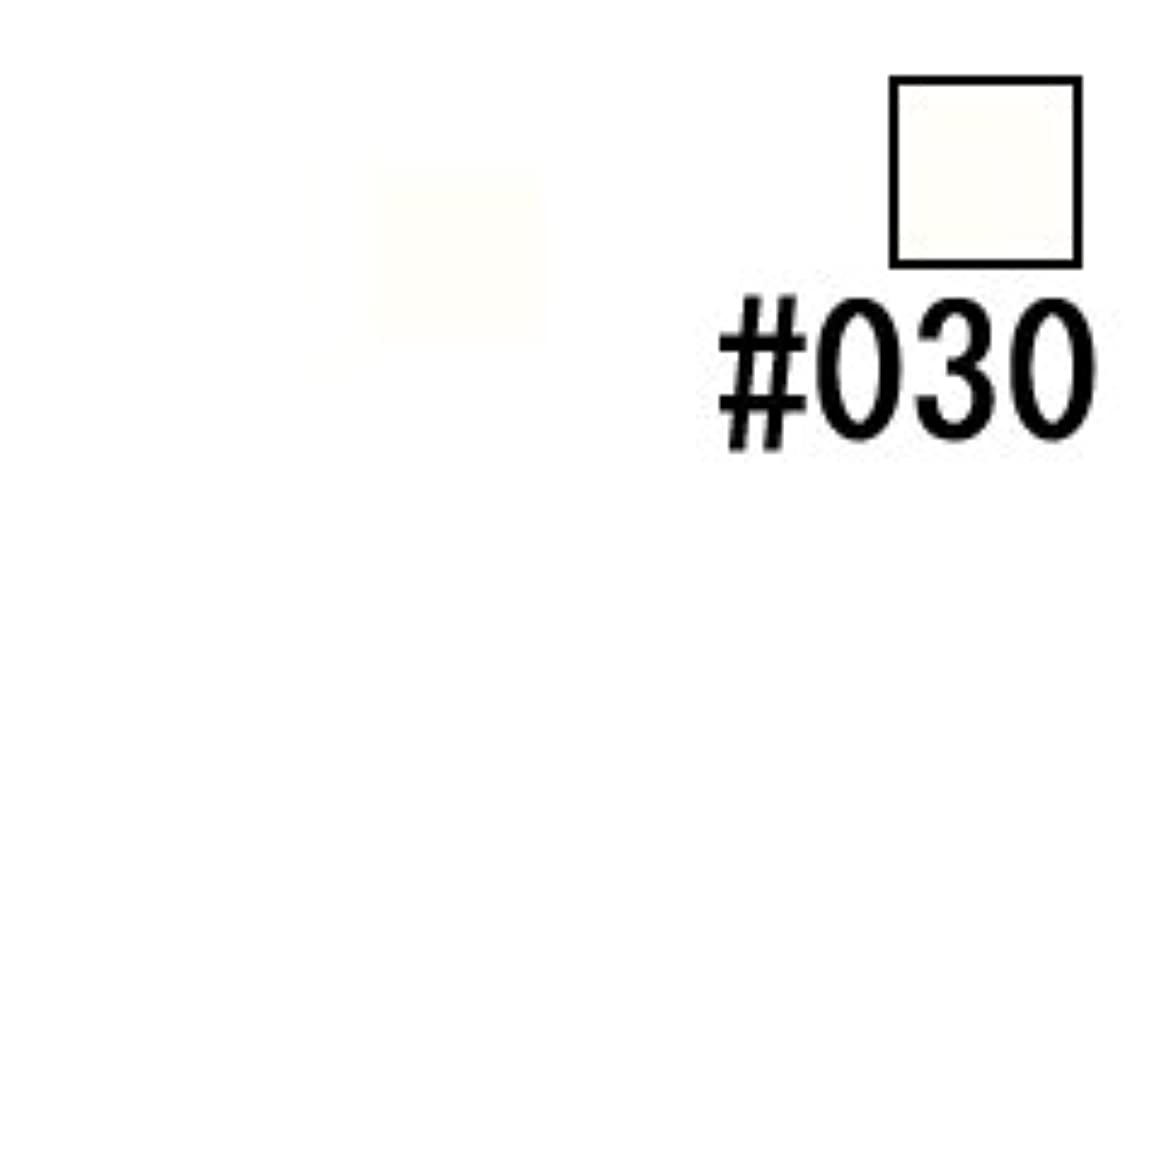 株式資源愛国的な【レブロン】パヒューマリー センティド ネイルエナメル #030 11.7ml [並行輸入品]